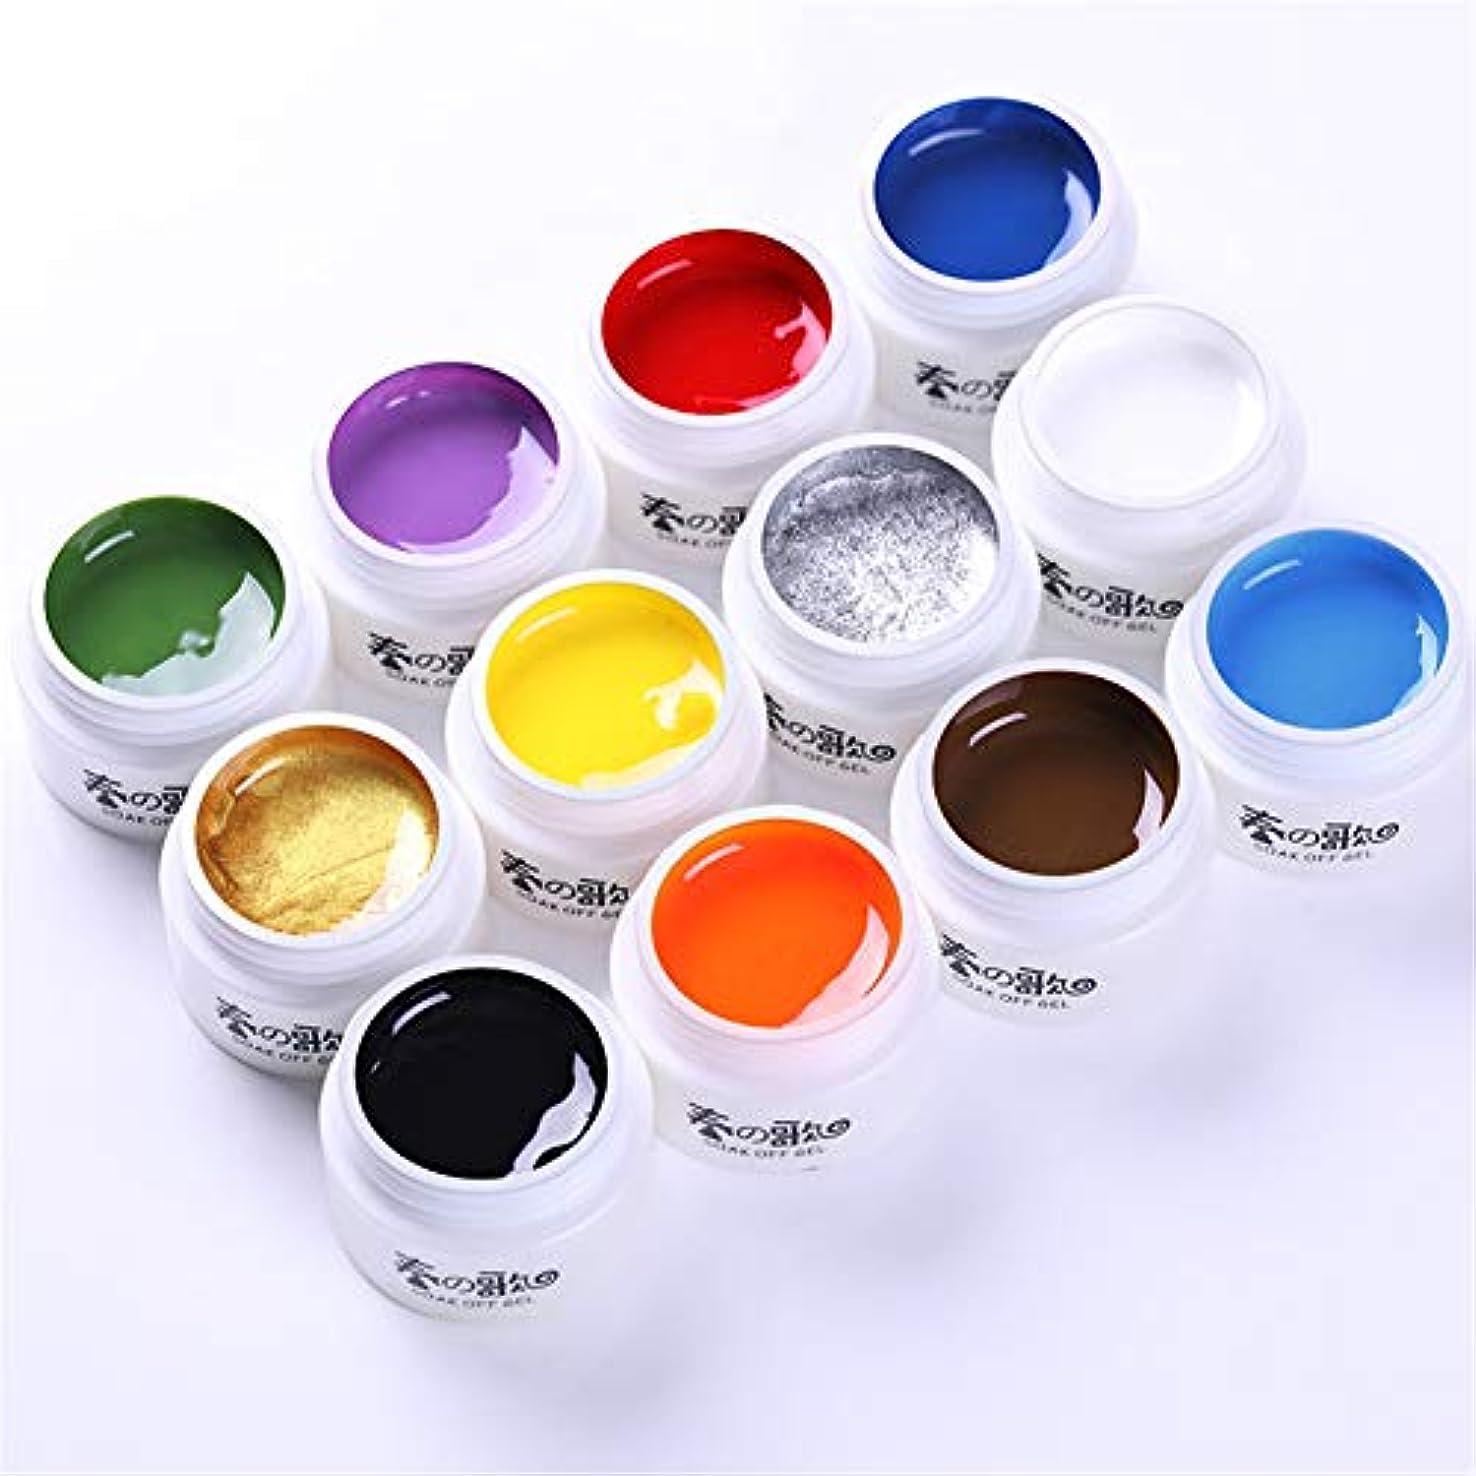 岸きれいにバインド春の歌 アート専用のカラージェル ライナージェル ものすごく色が濃いカラージェル ラインを引くためのジェル、アクリル絵の具よりも柔らかく使いやすいジェル LED/UV両方対応 [並行輸入品]